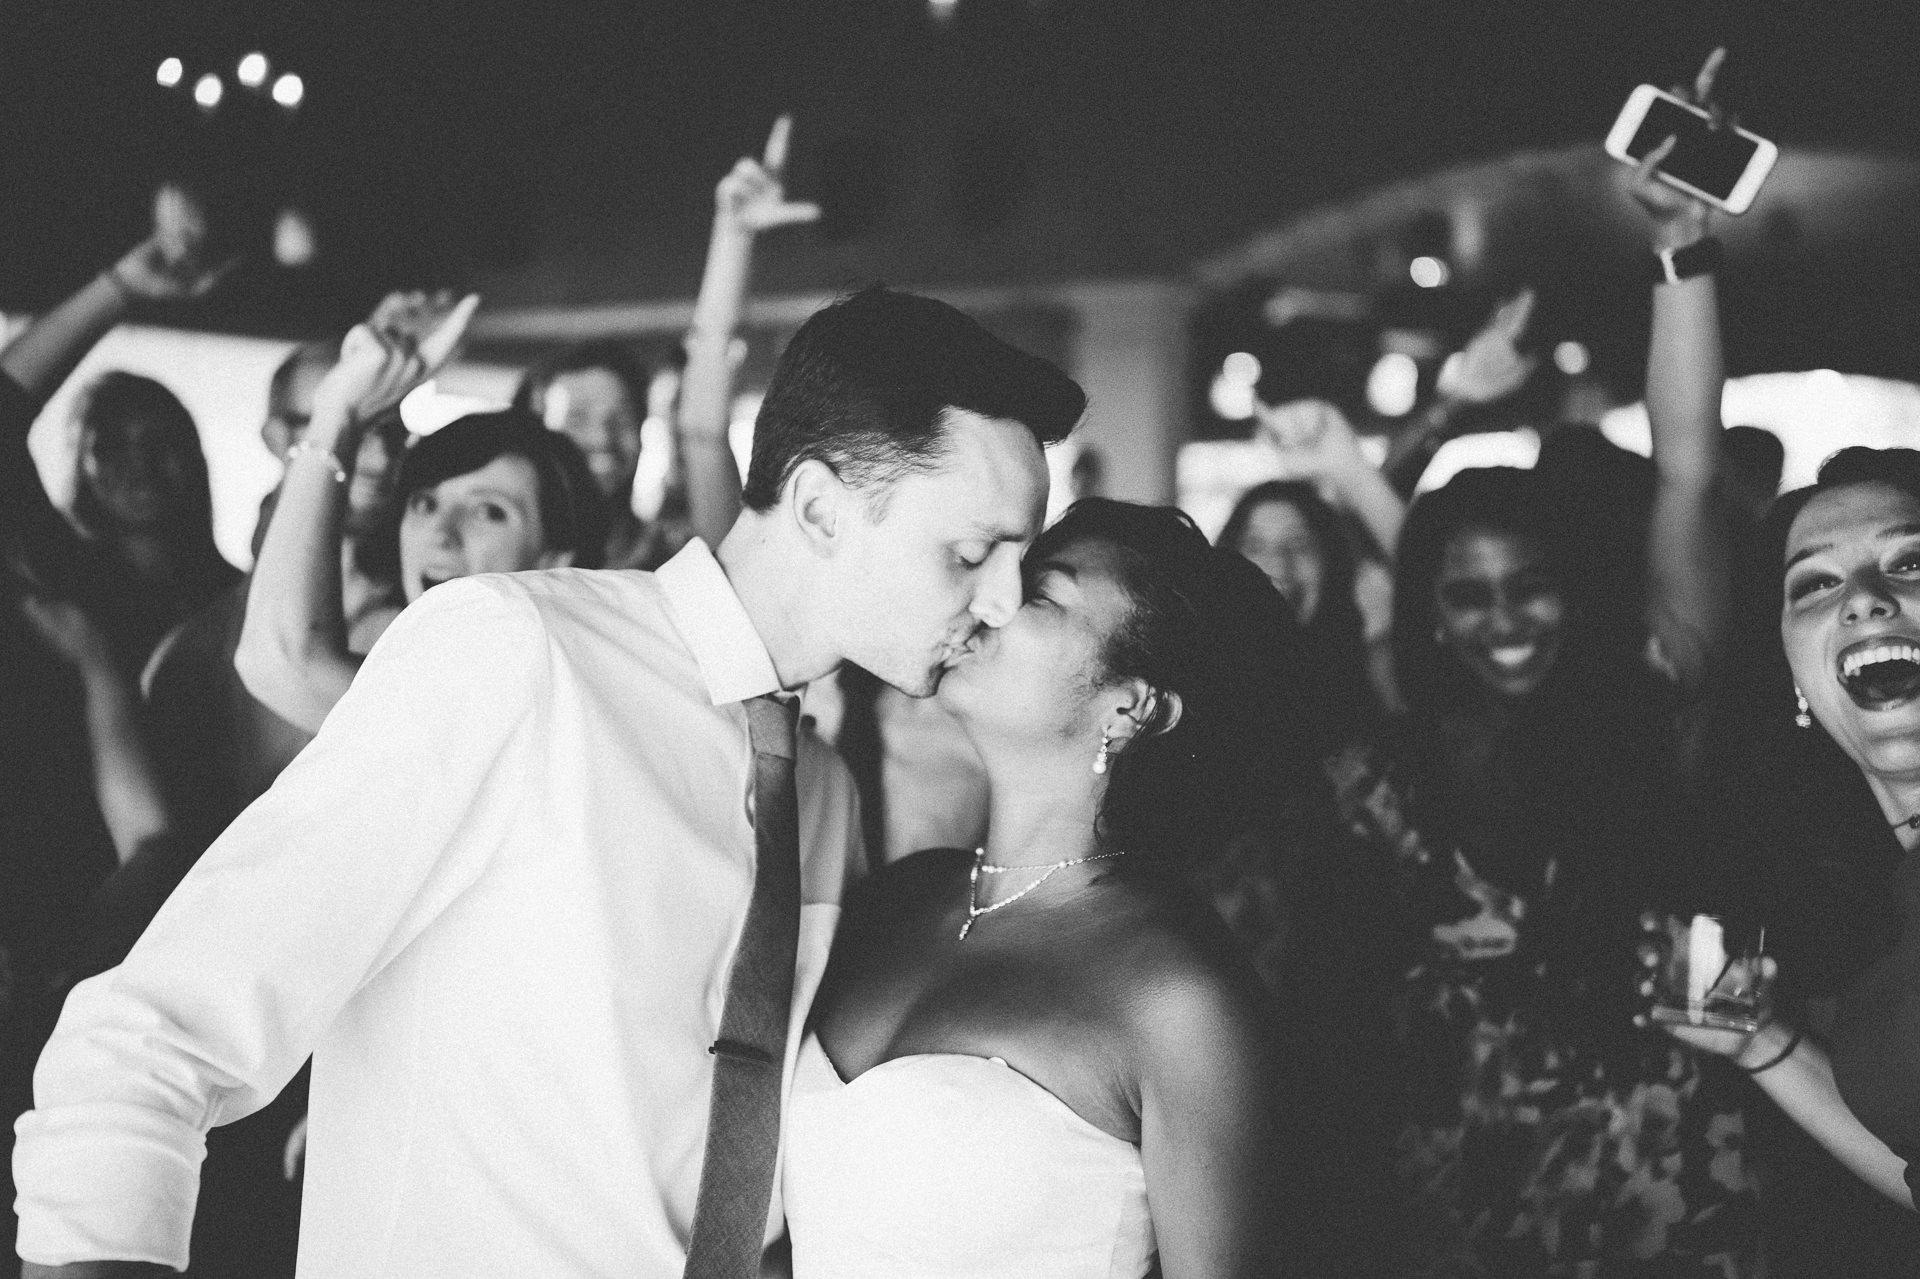 Gervasi Wedding Photographer in Canton Ohio 89.jpg